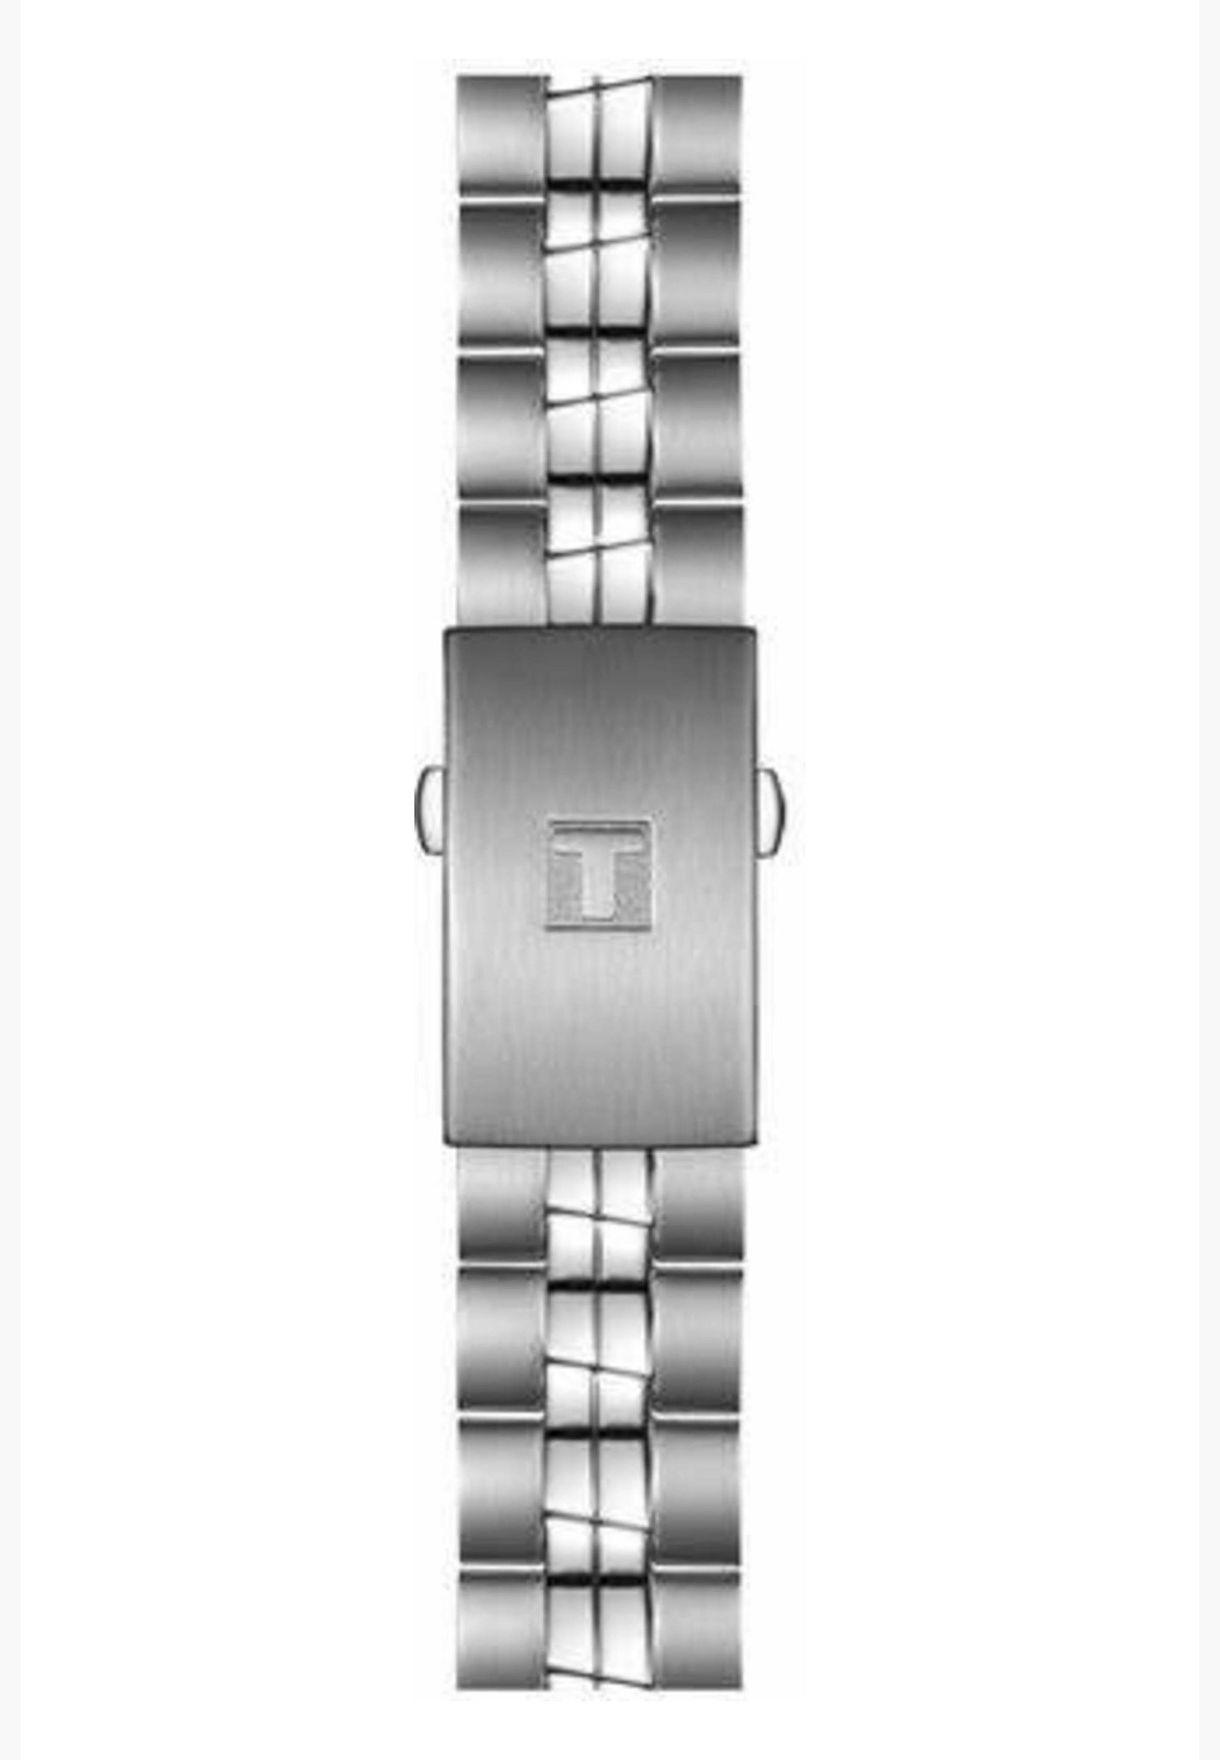 ساعة تيسو PR 100 أوتو كلاسيك بسوار فولاذي - T101.407.11.011.00